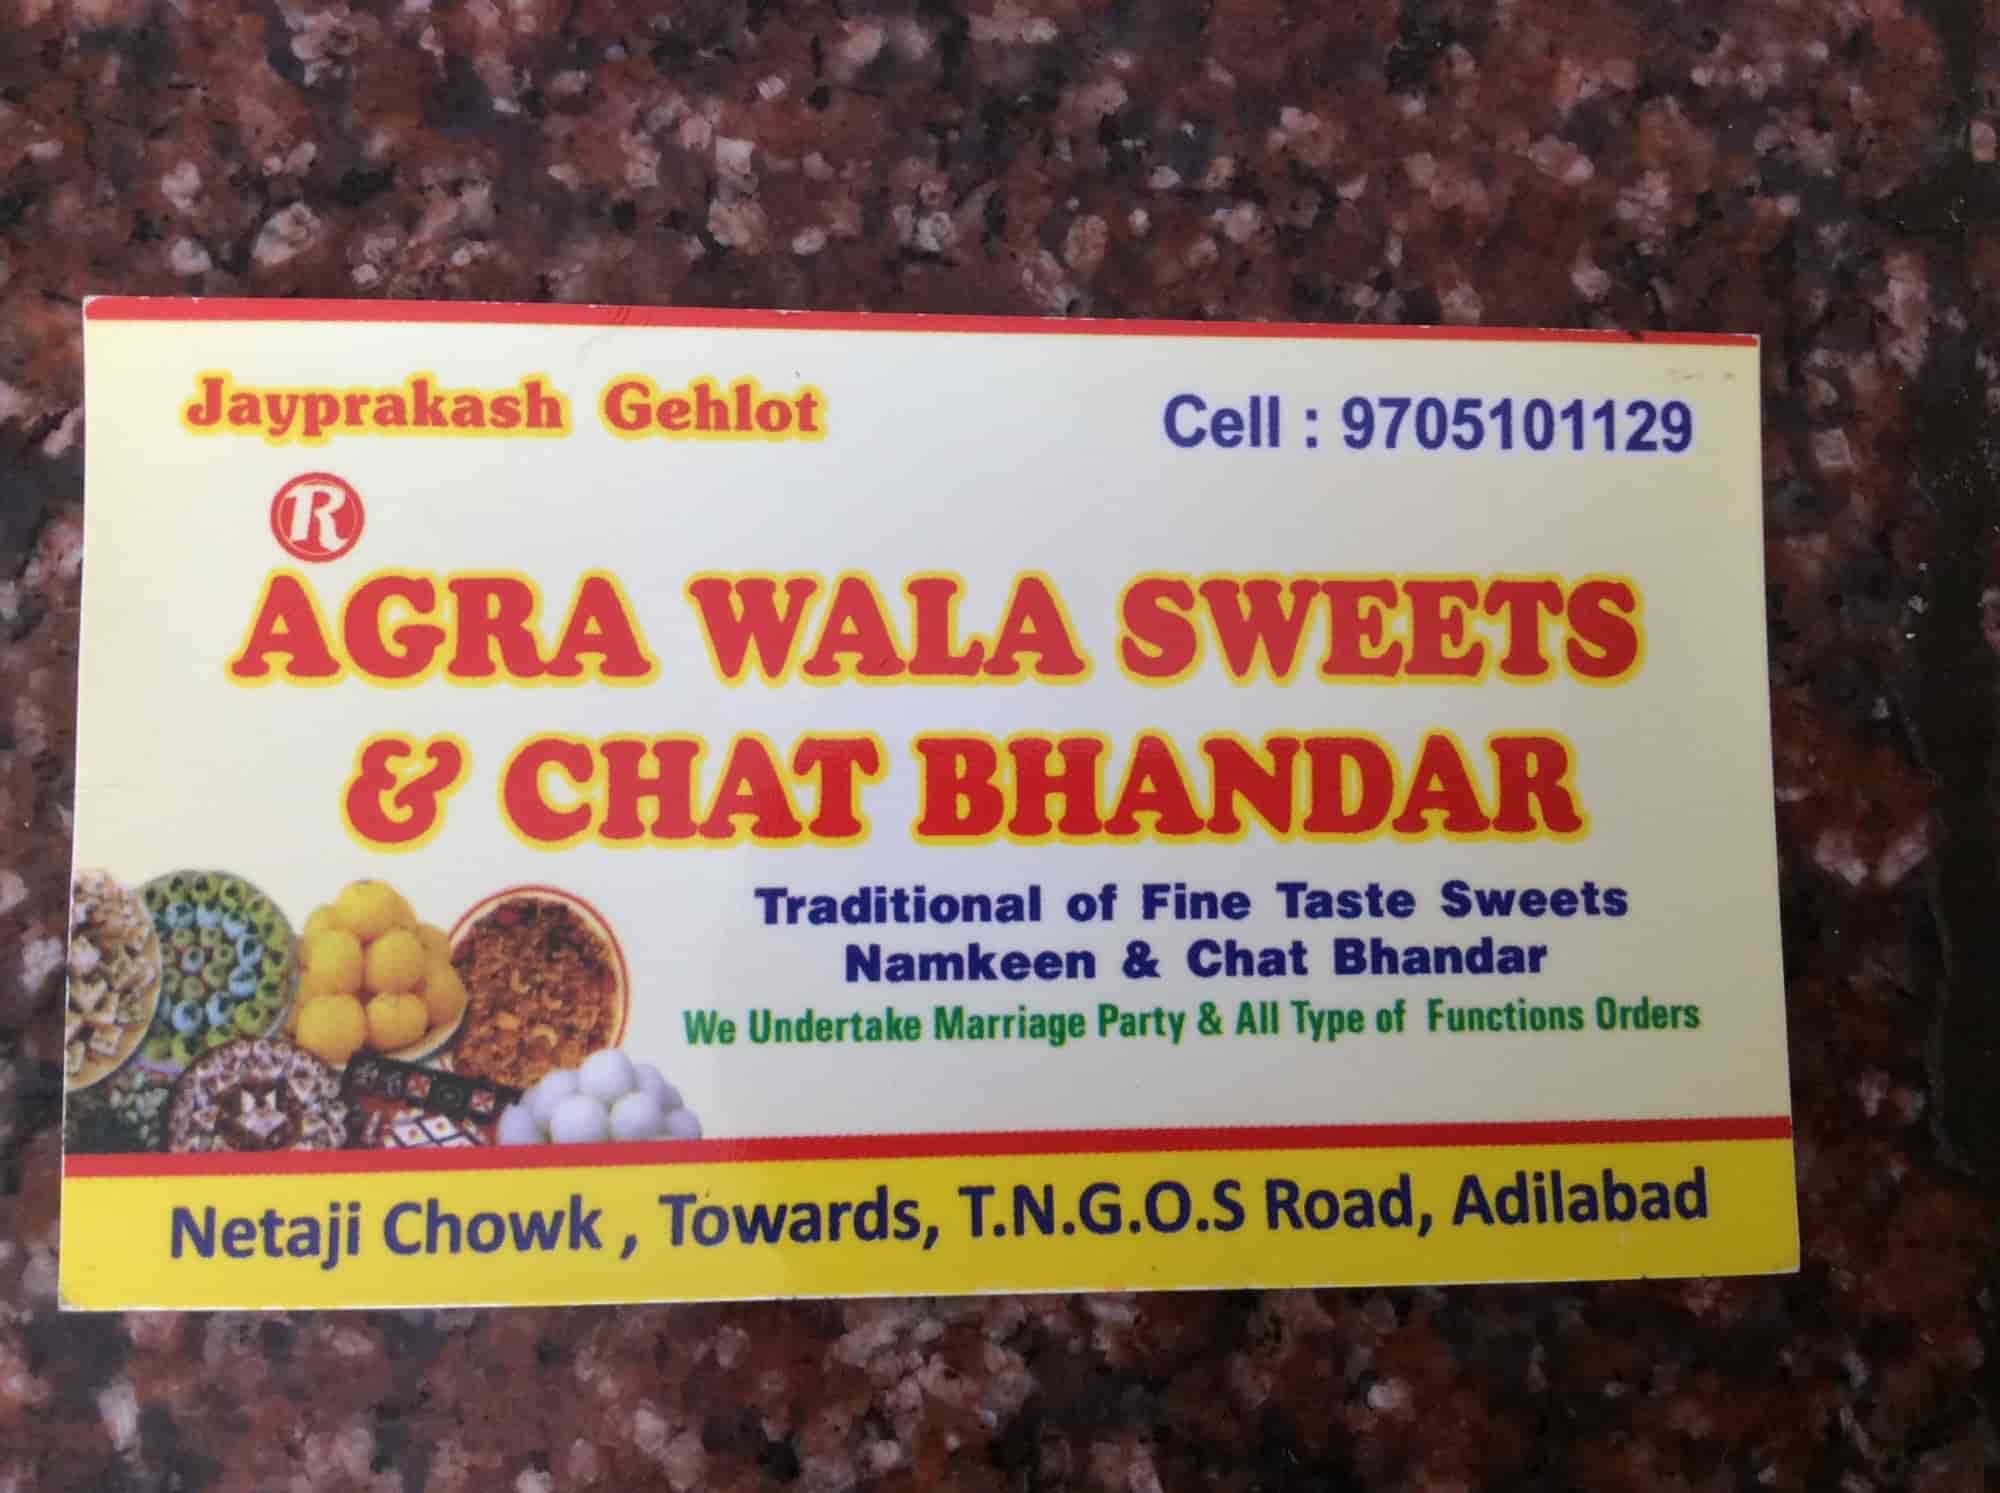 Agrawala agrawala sweets & chat bhandar, netaji chowk, adilabad